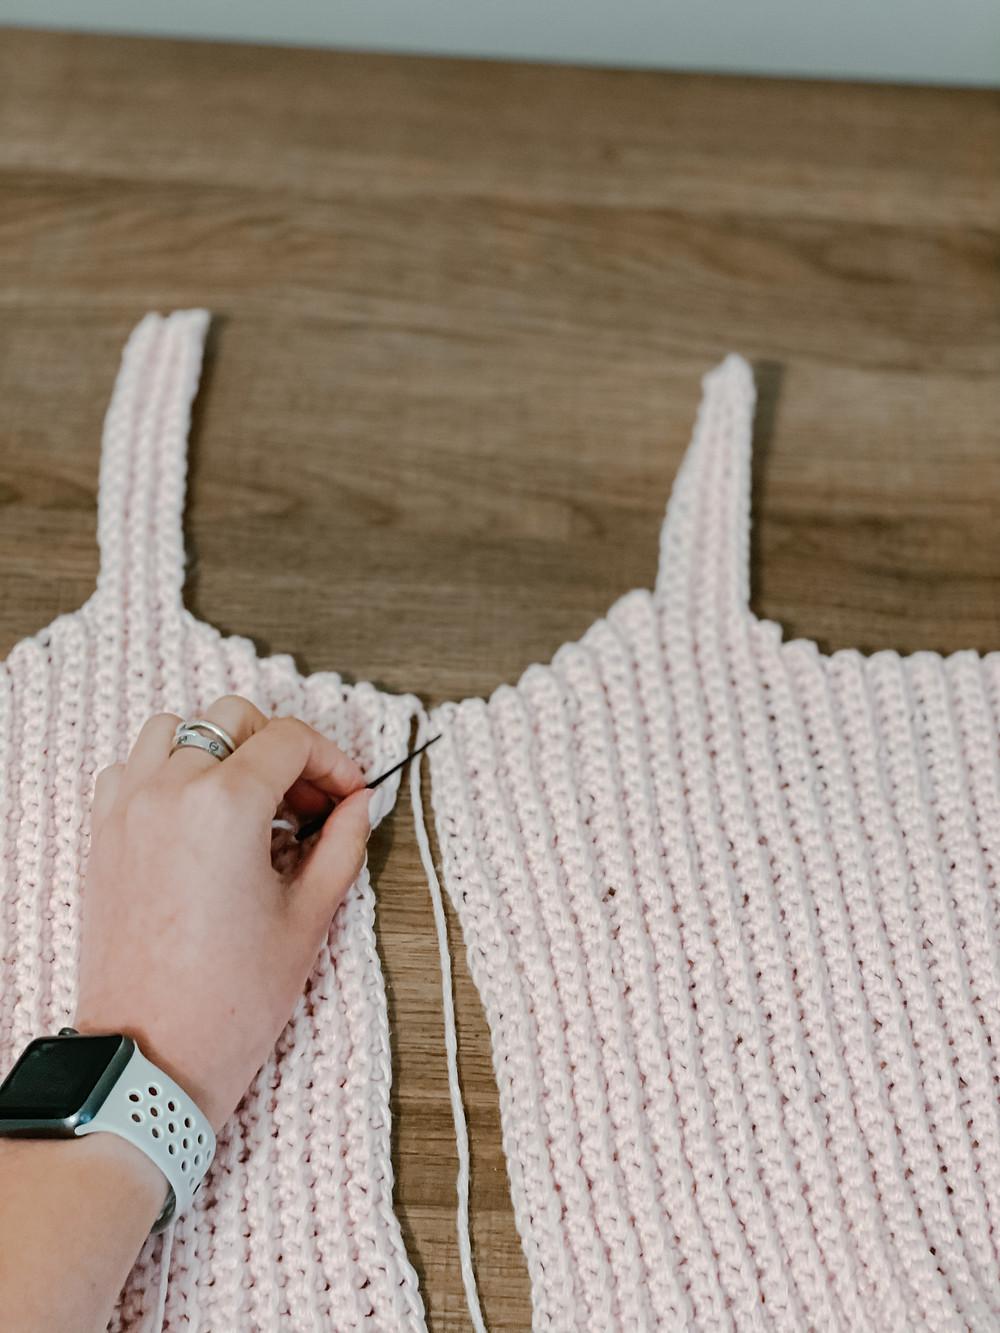 Sewing crochet crop top